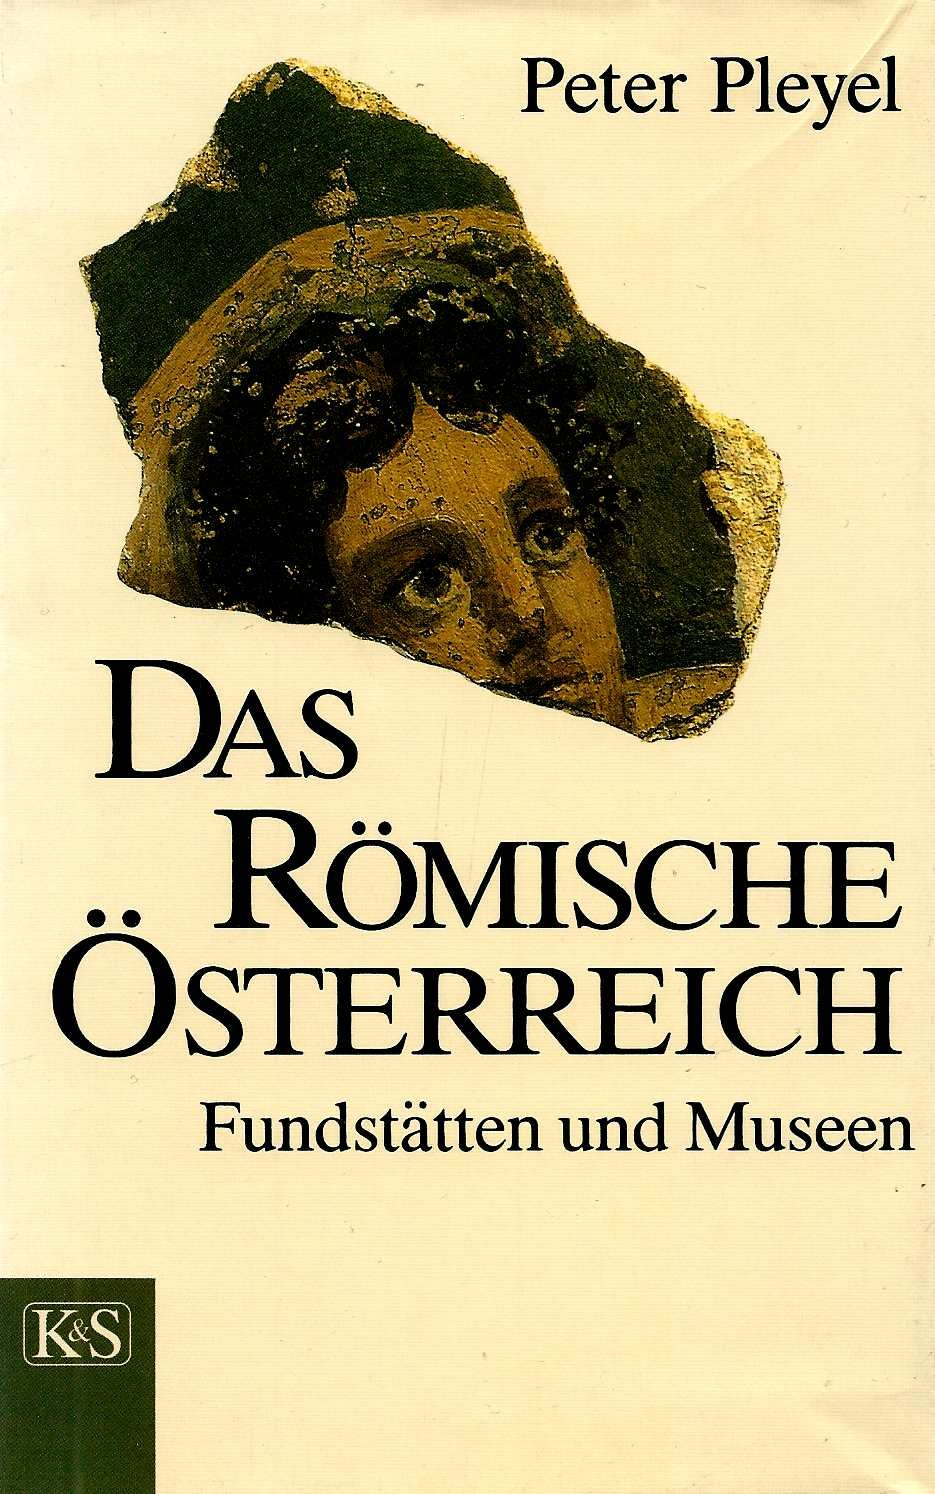 Das römische Österreich. Fundstätten und Museen